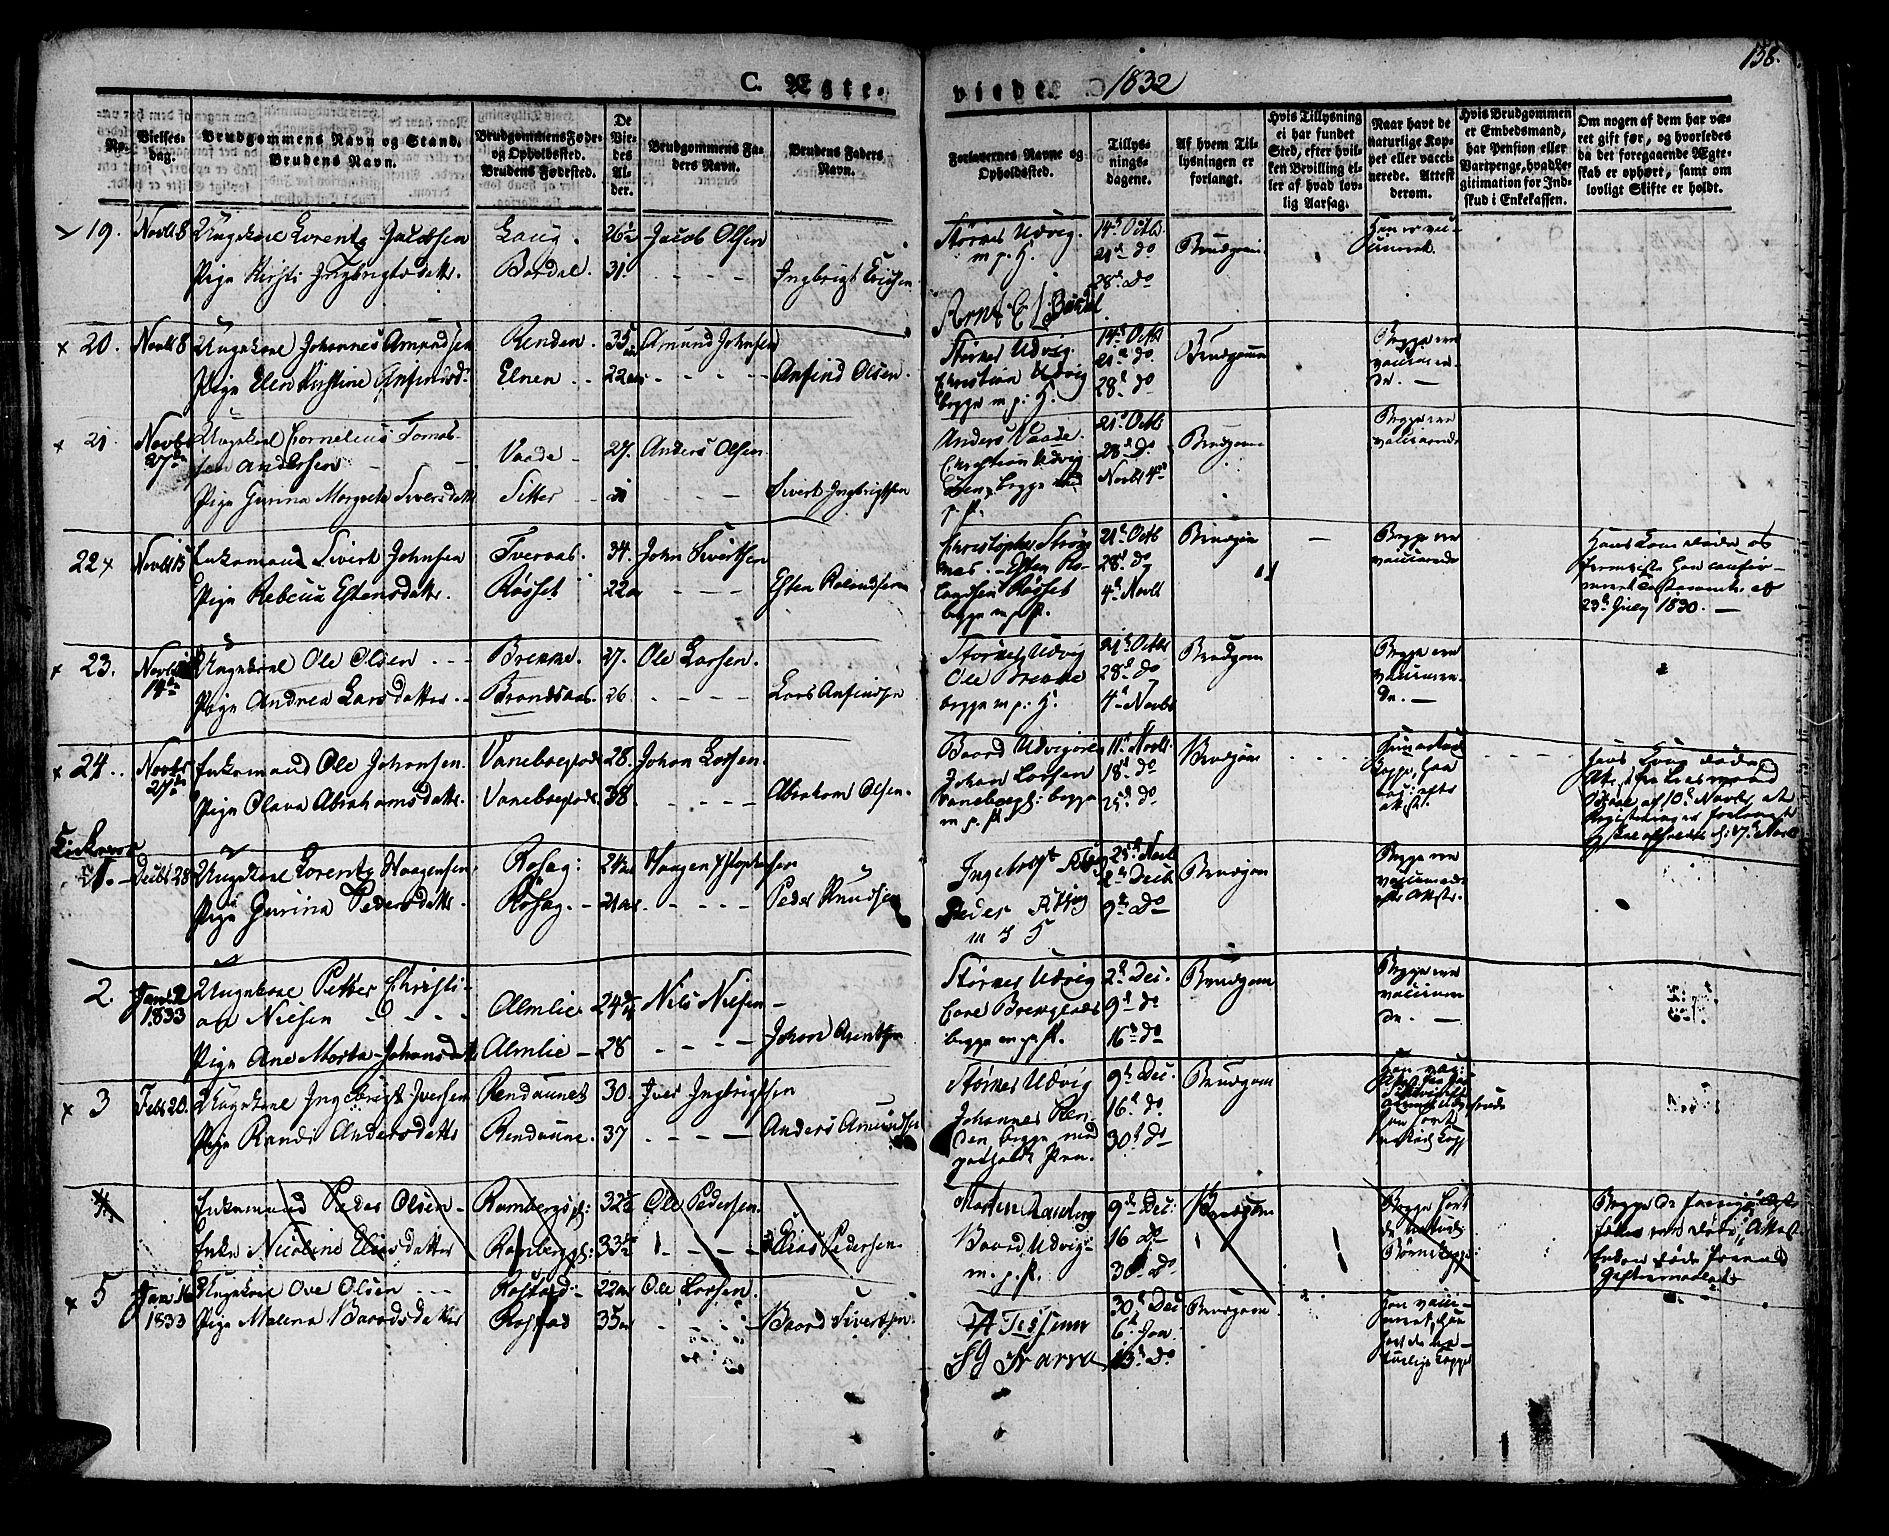 SAT, Ministerialprotokoller, klokkerbøker og fødselsregistre - Nord-Trøndelag, 741/L0390: Ministerialbok nr. 741A04, 1822-1836, s. 158